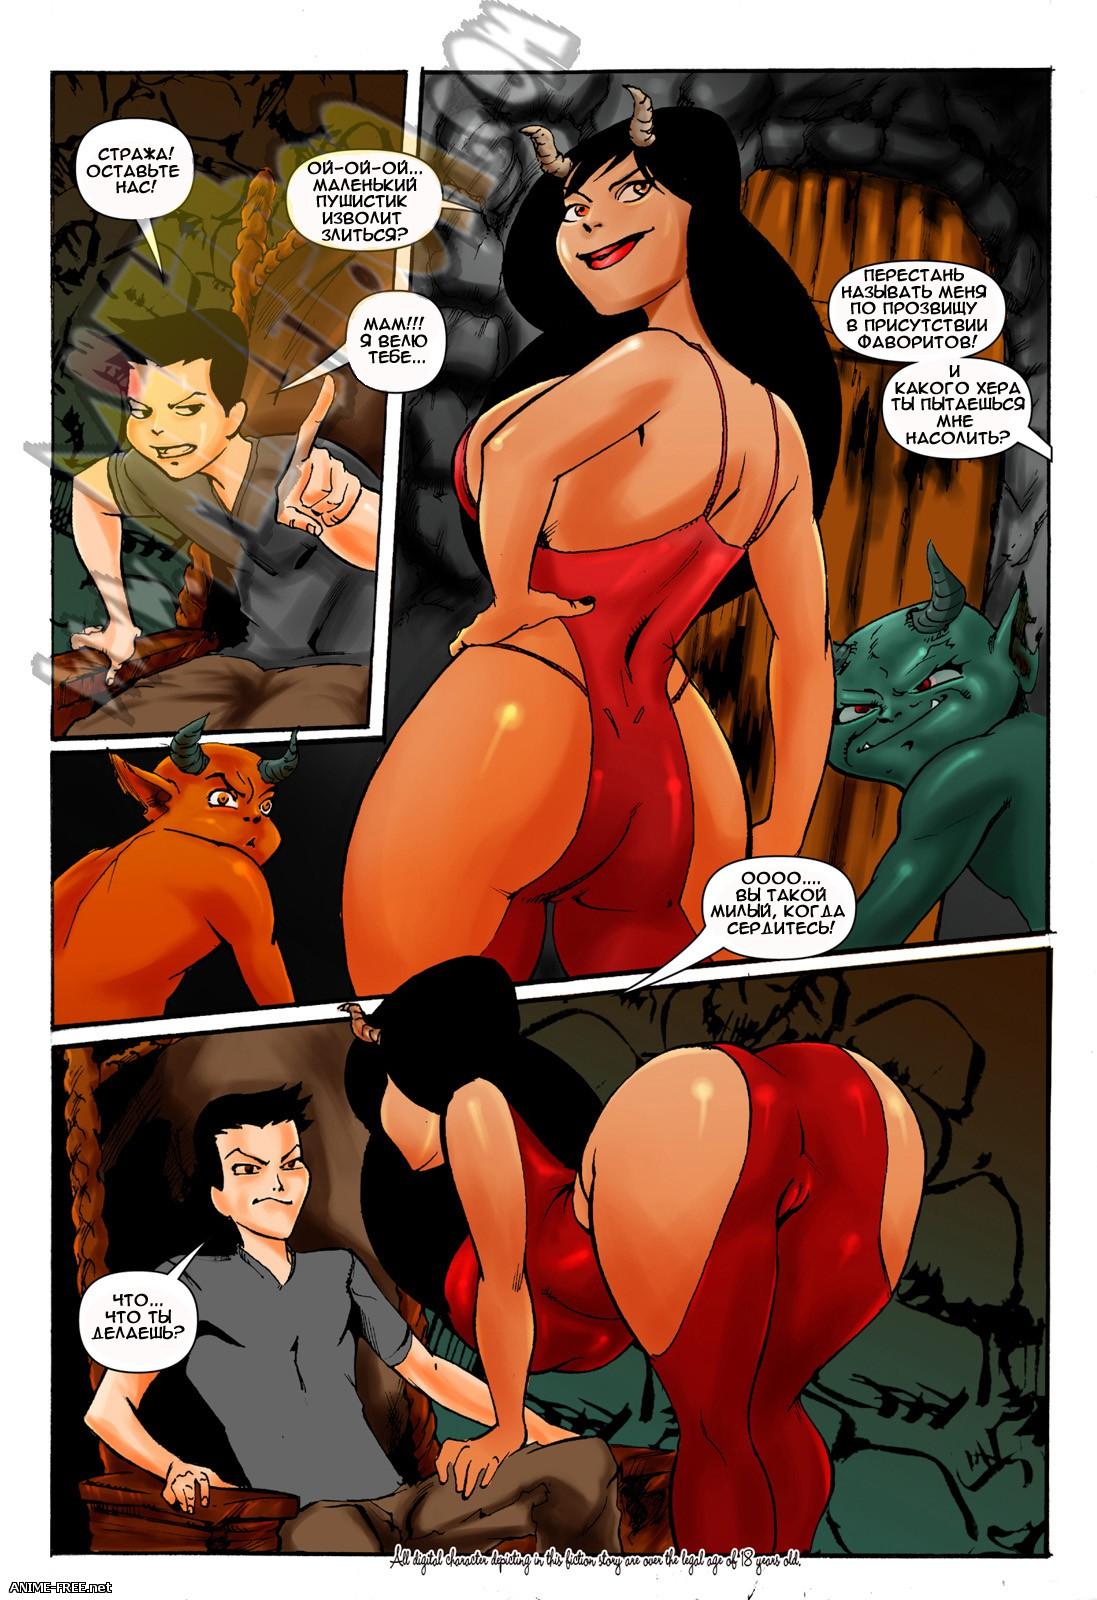 Incest comics 2 / Инцест комиксы (Часть 2) [Uncen] [RUS] Porn Comics